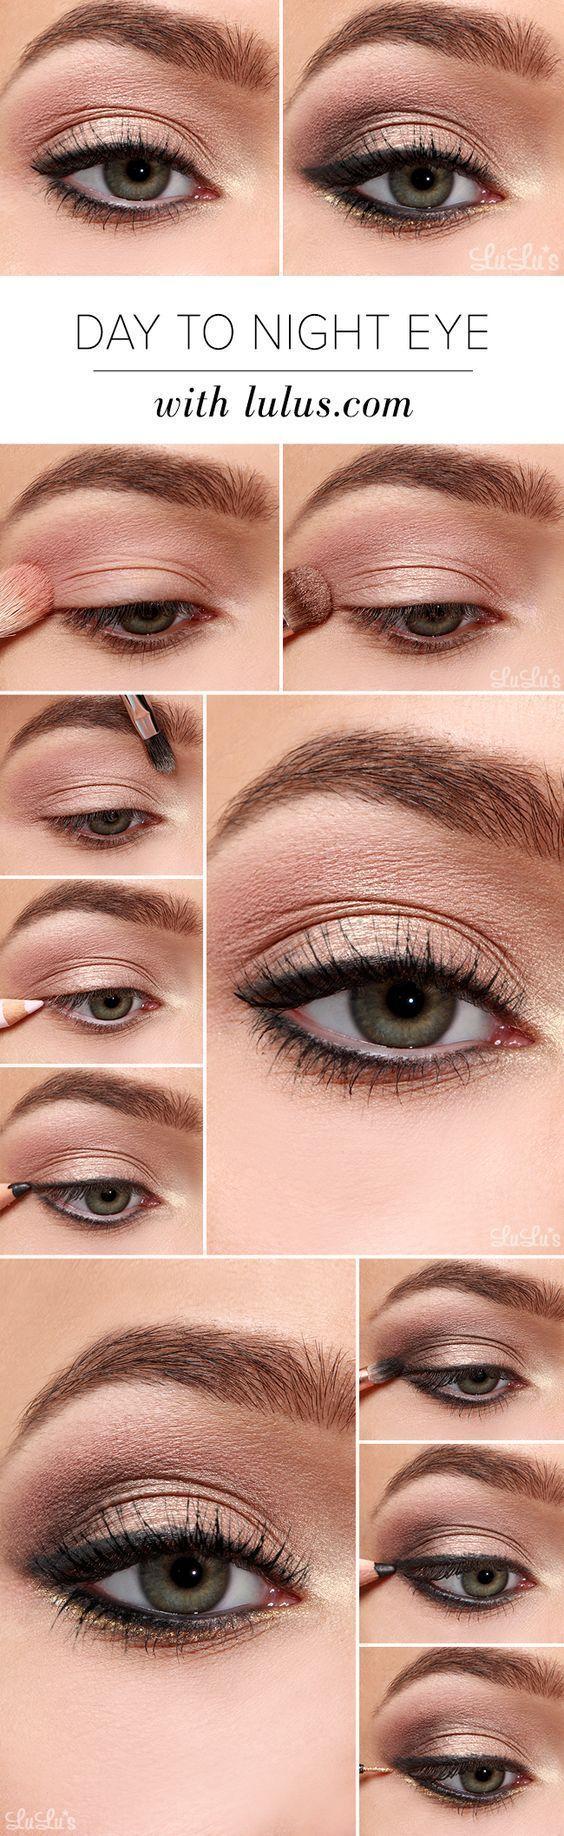 How To: Schritt für Schritt Augen Make-up-Tutorials und Anleitungen für Anfänger